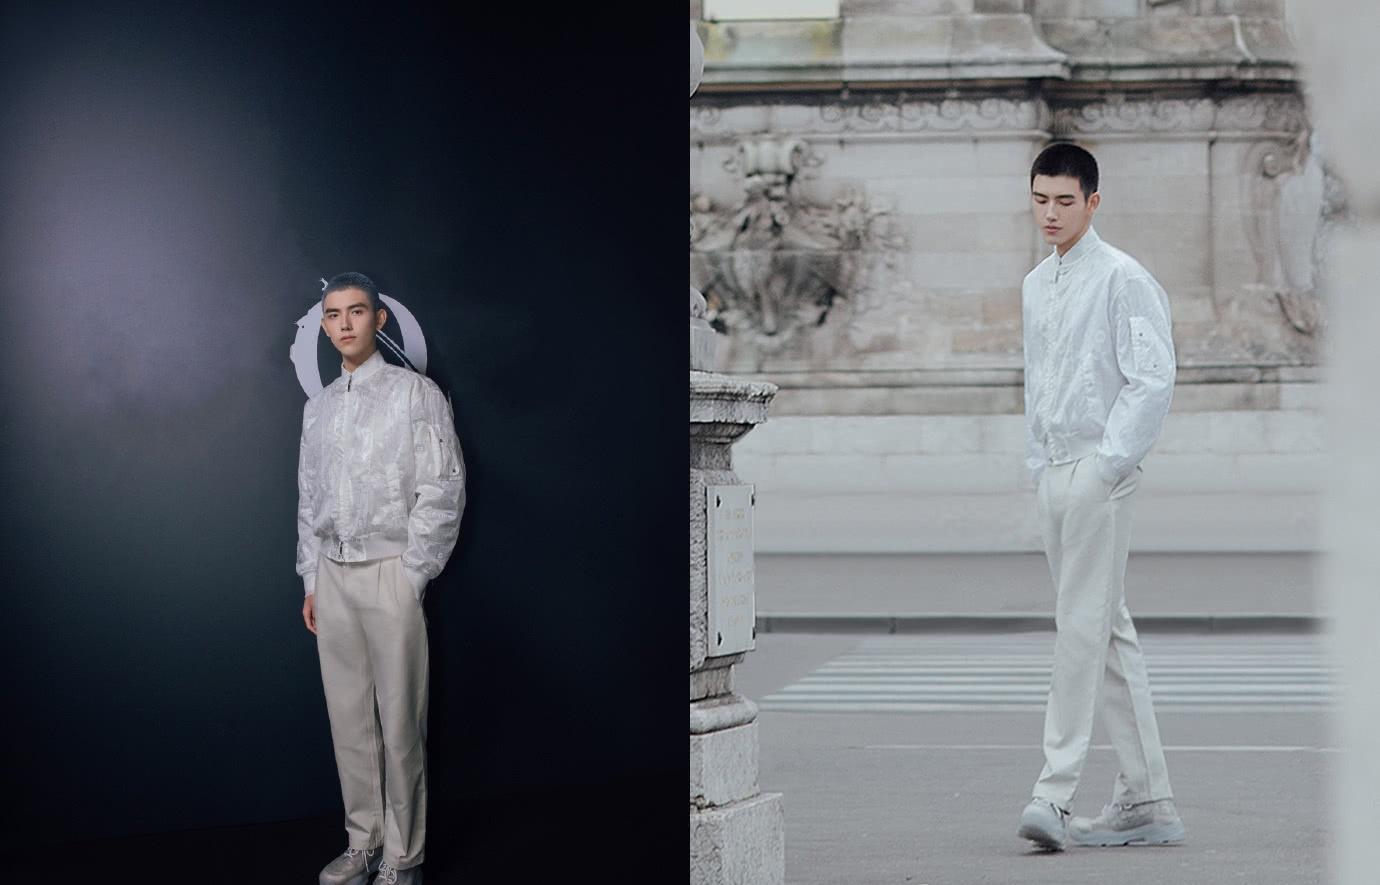 陈飞宇男装周看秀,棒球服配白色西裤未来感十足,银灰寸头超抢镜